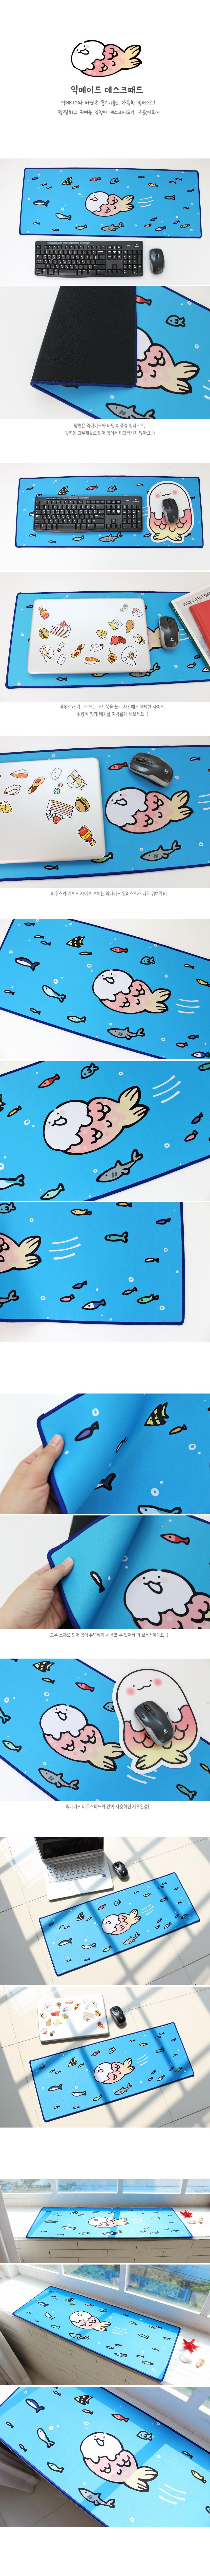 익메이드 데스크패드 - 캐릭터타운, 18,000원, 키보드/마우스 용품, 손목보호 쿠션